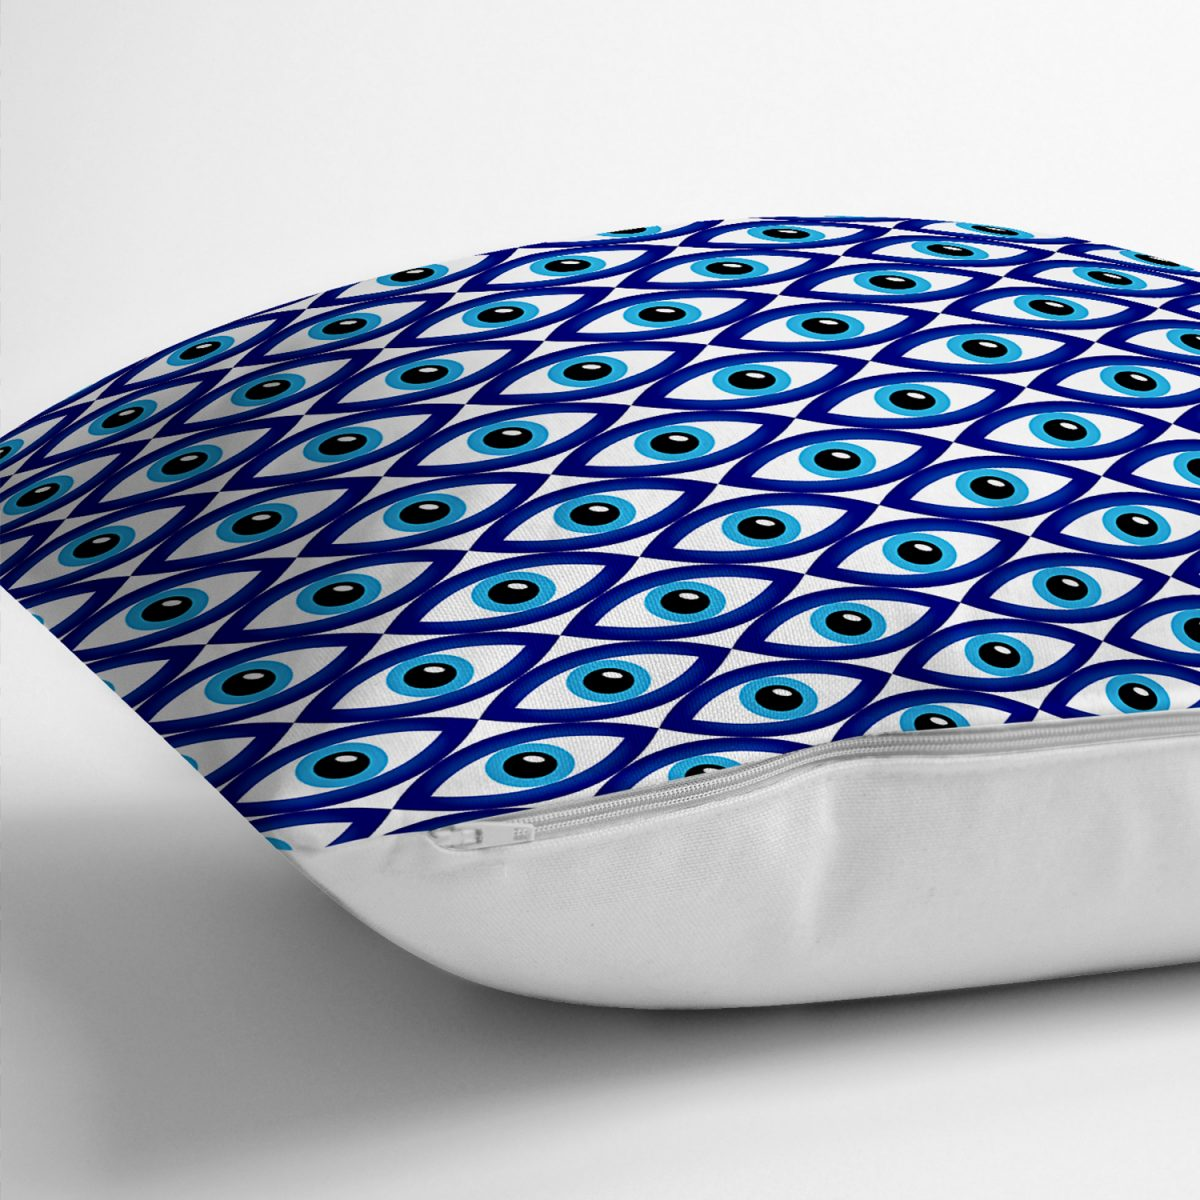 Realhomes Göz Motifli Özel Tasarım Dijtal Baskılı Modern Yastık Kırlent Kılıfı Realhomes